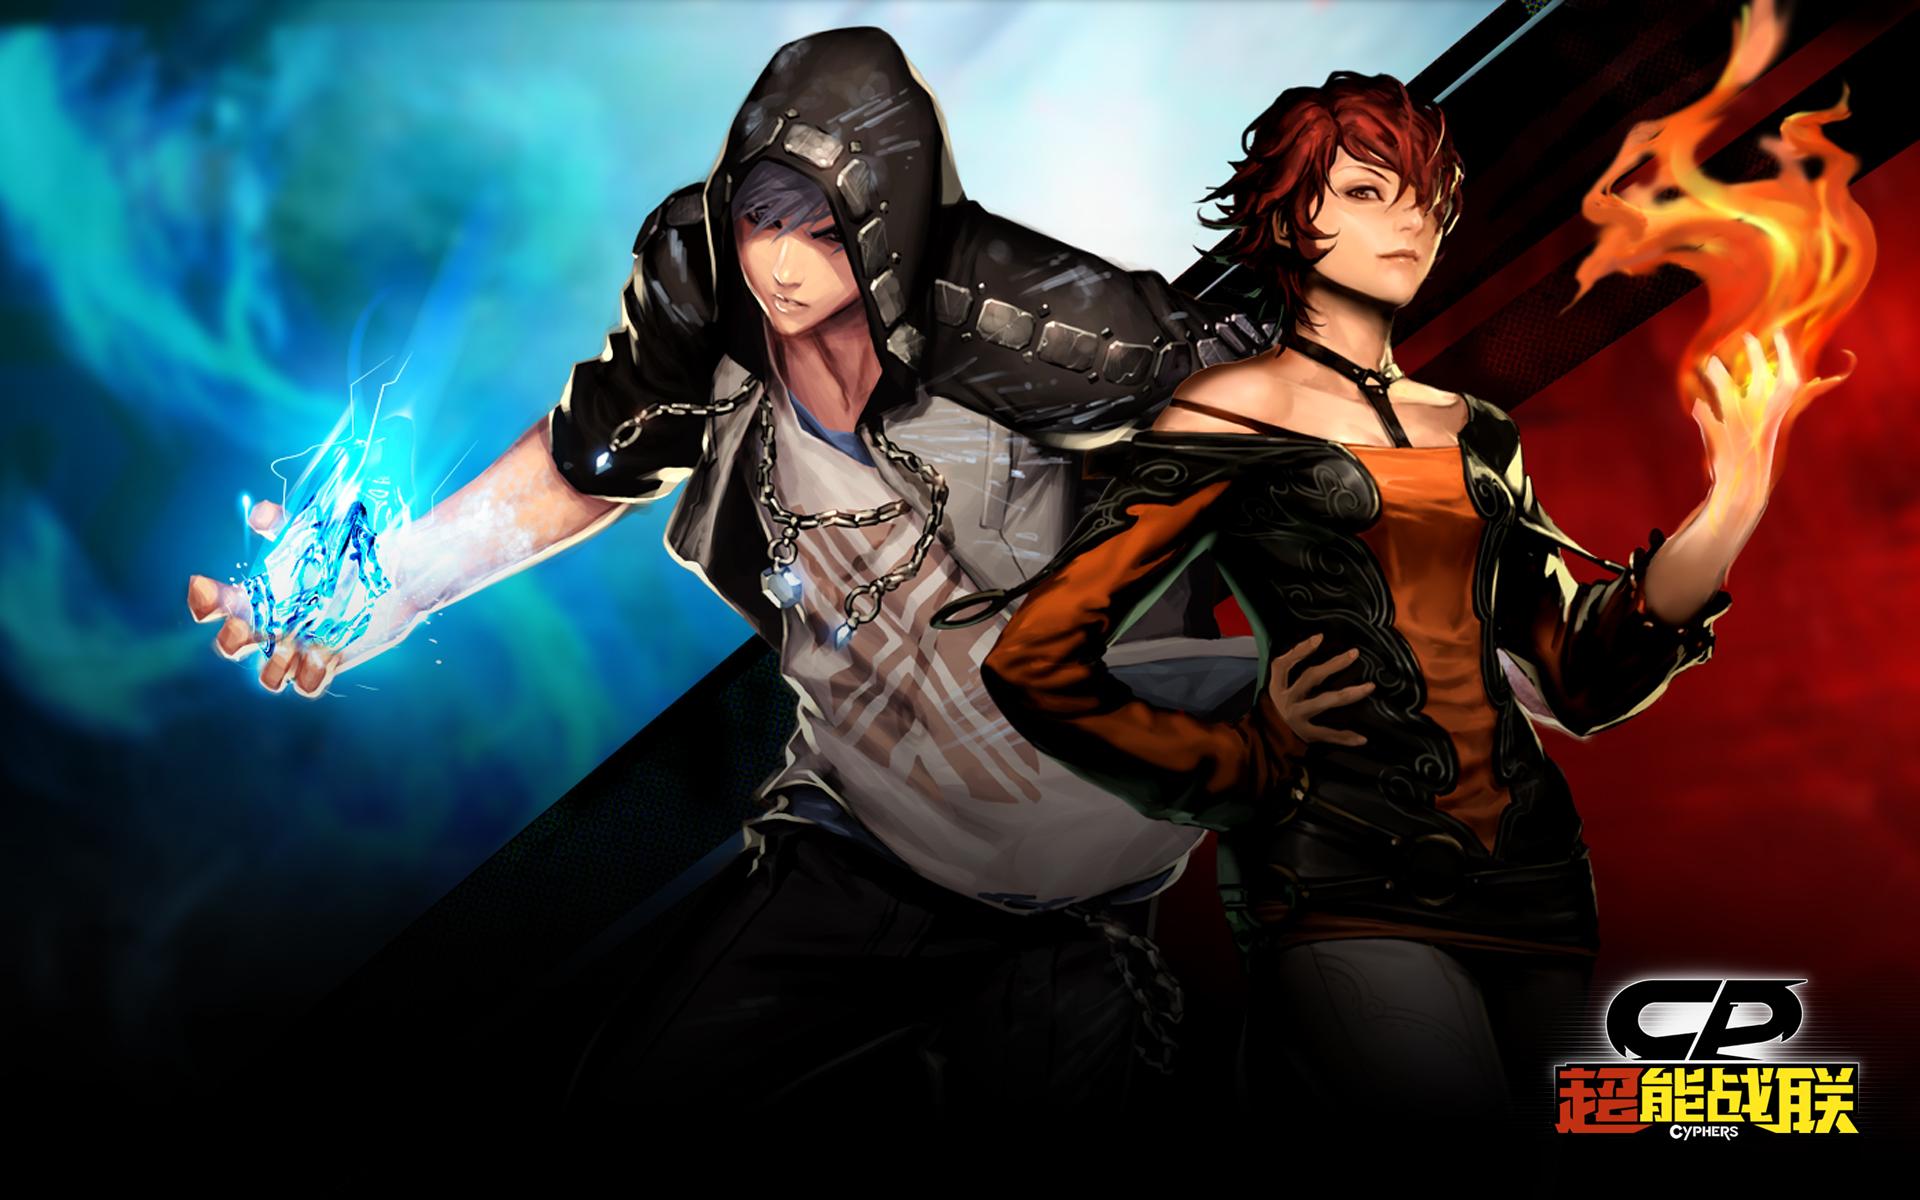 Sau MOBA, FPS tiếp tục là mối đe dọa của game MMORPG truyền thống